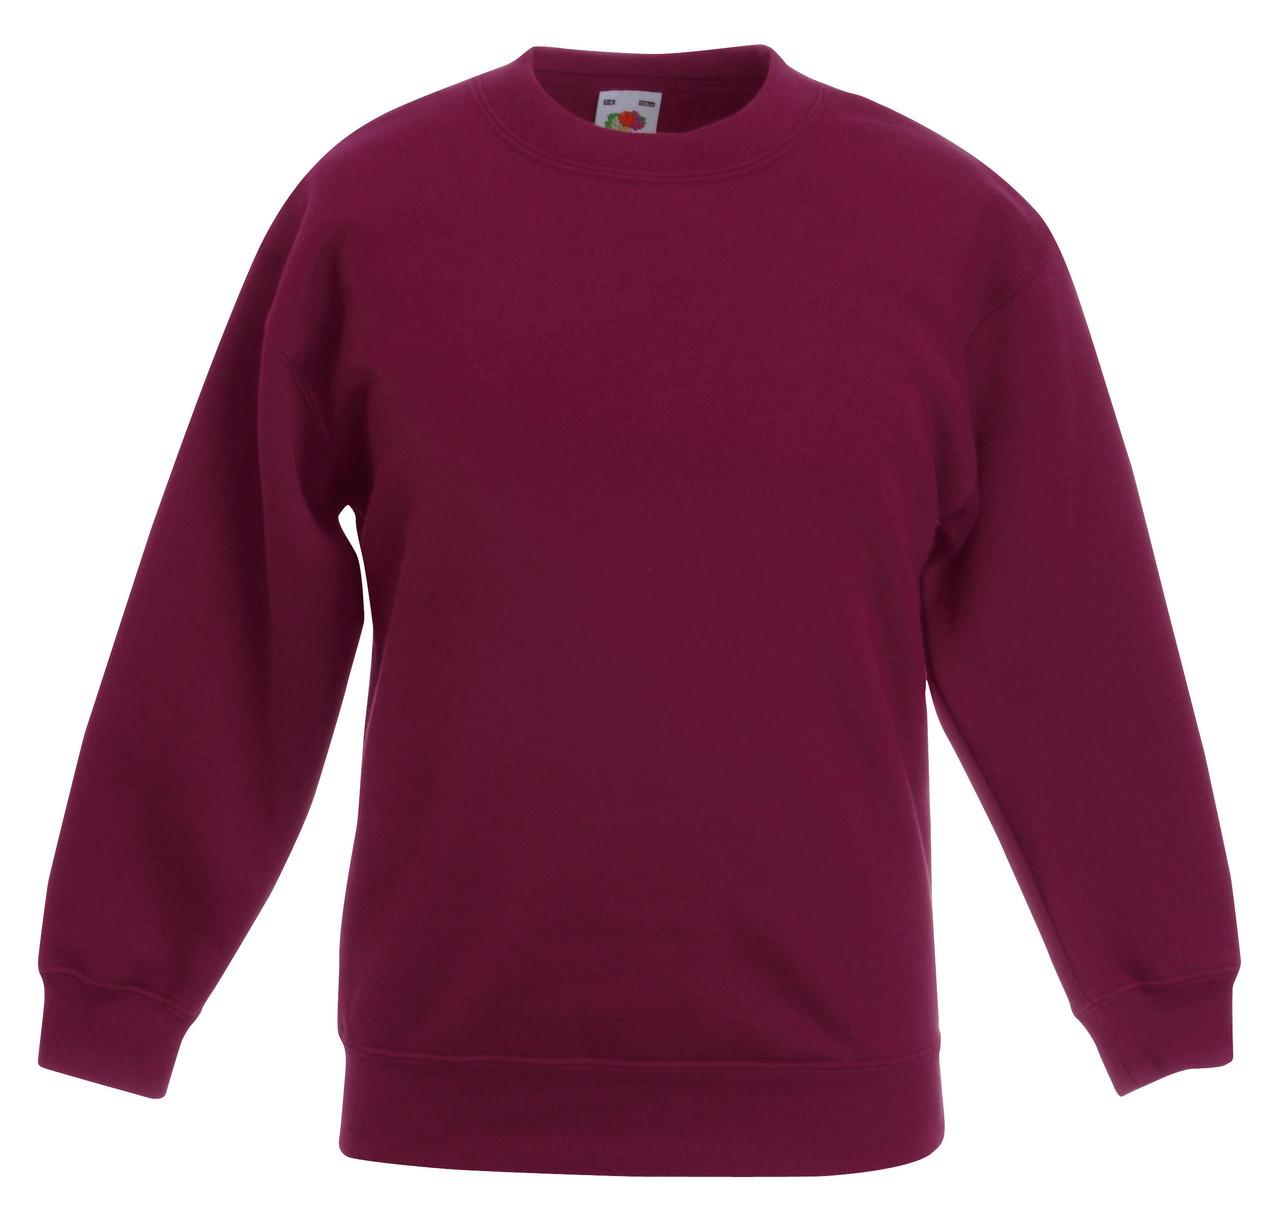 Детский классический свитер Бордовый Fruit Of The Loom  62-041-41 9-11